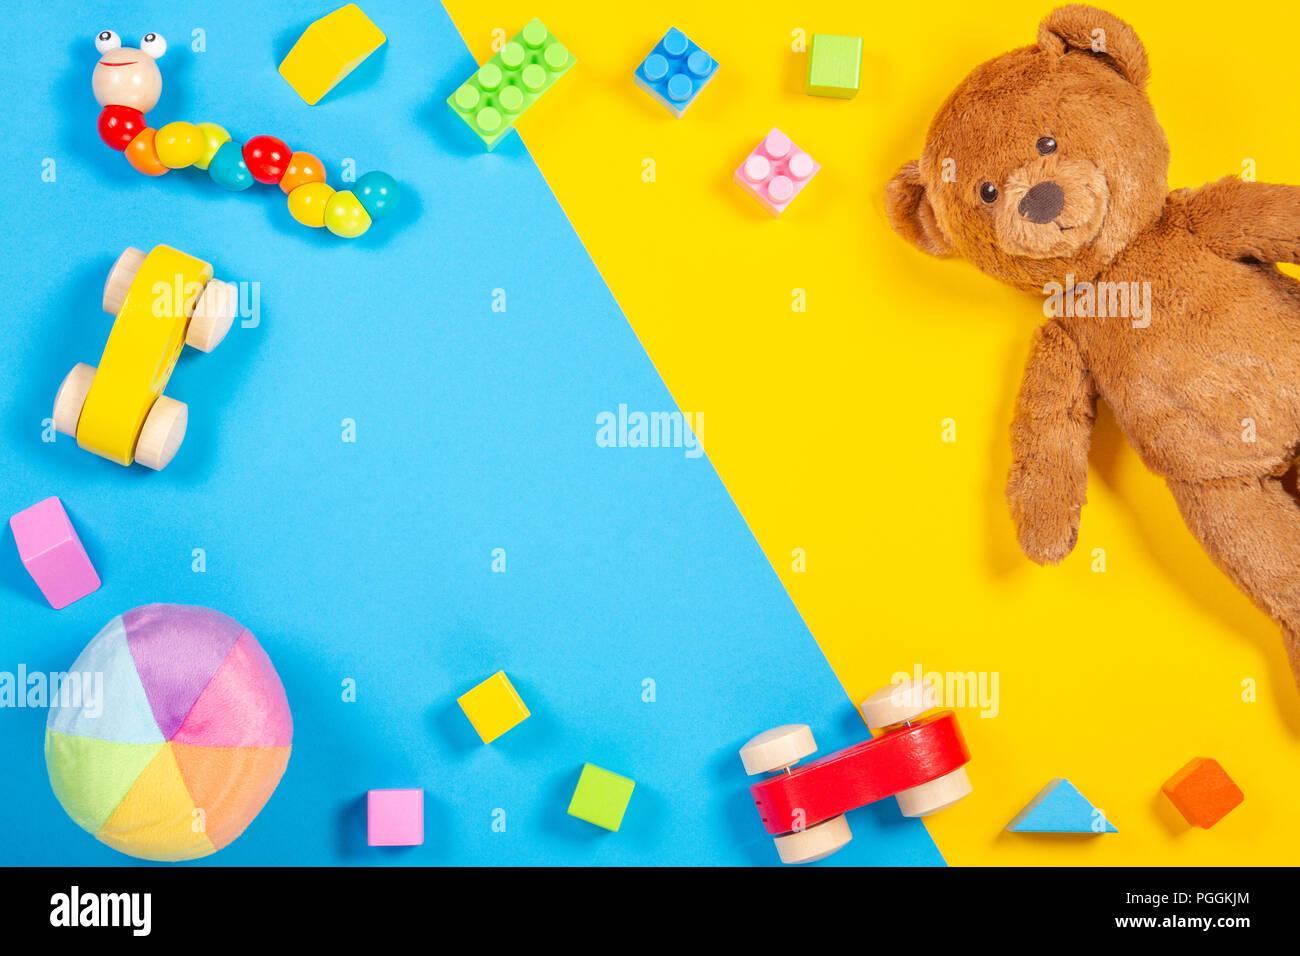 Telaio bambini giocattoli per con legno di orsacchiottomacchinina di Y7b6gyvf